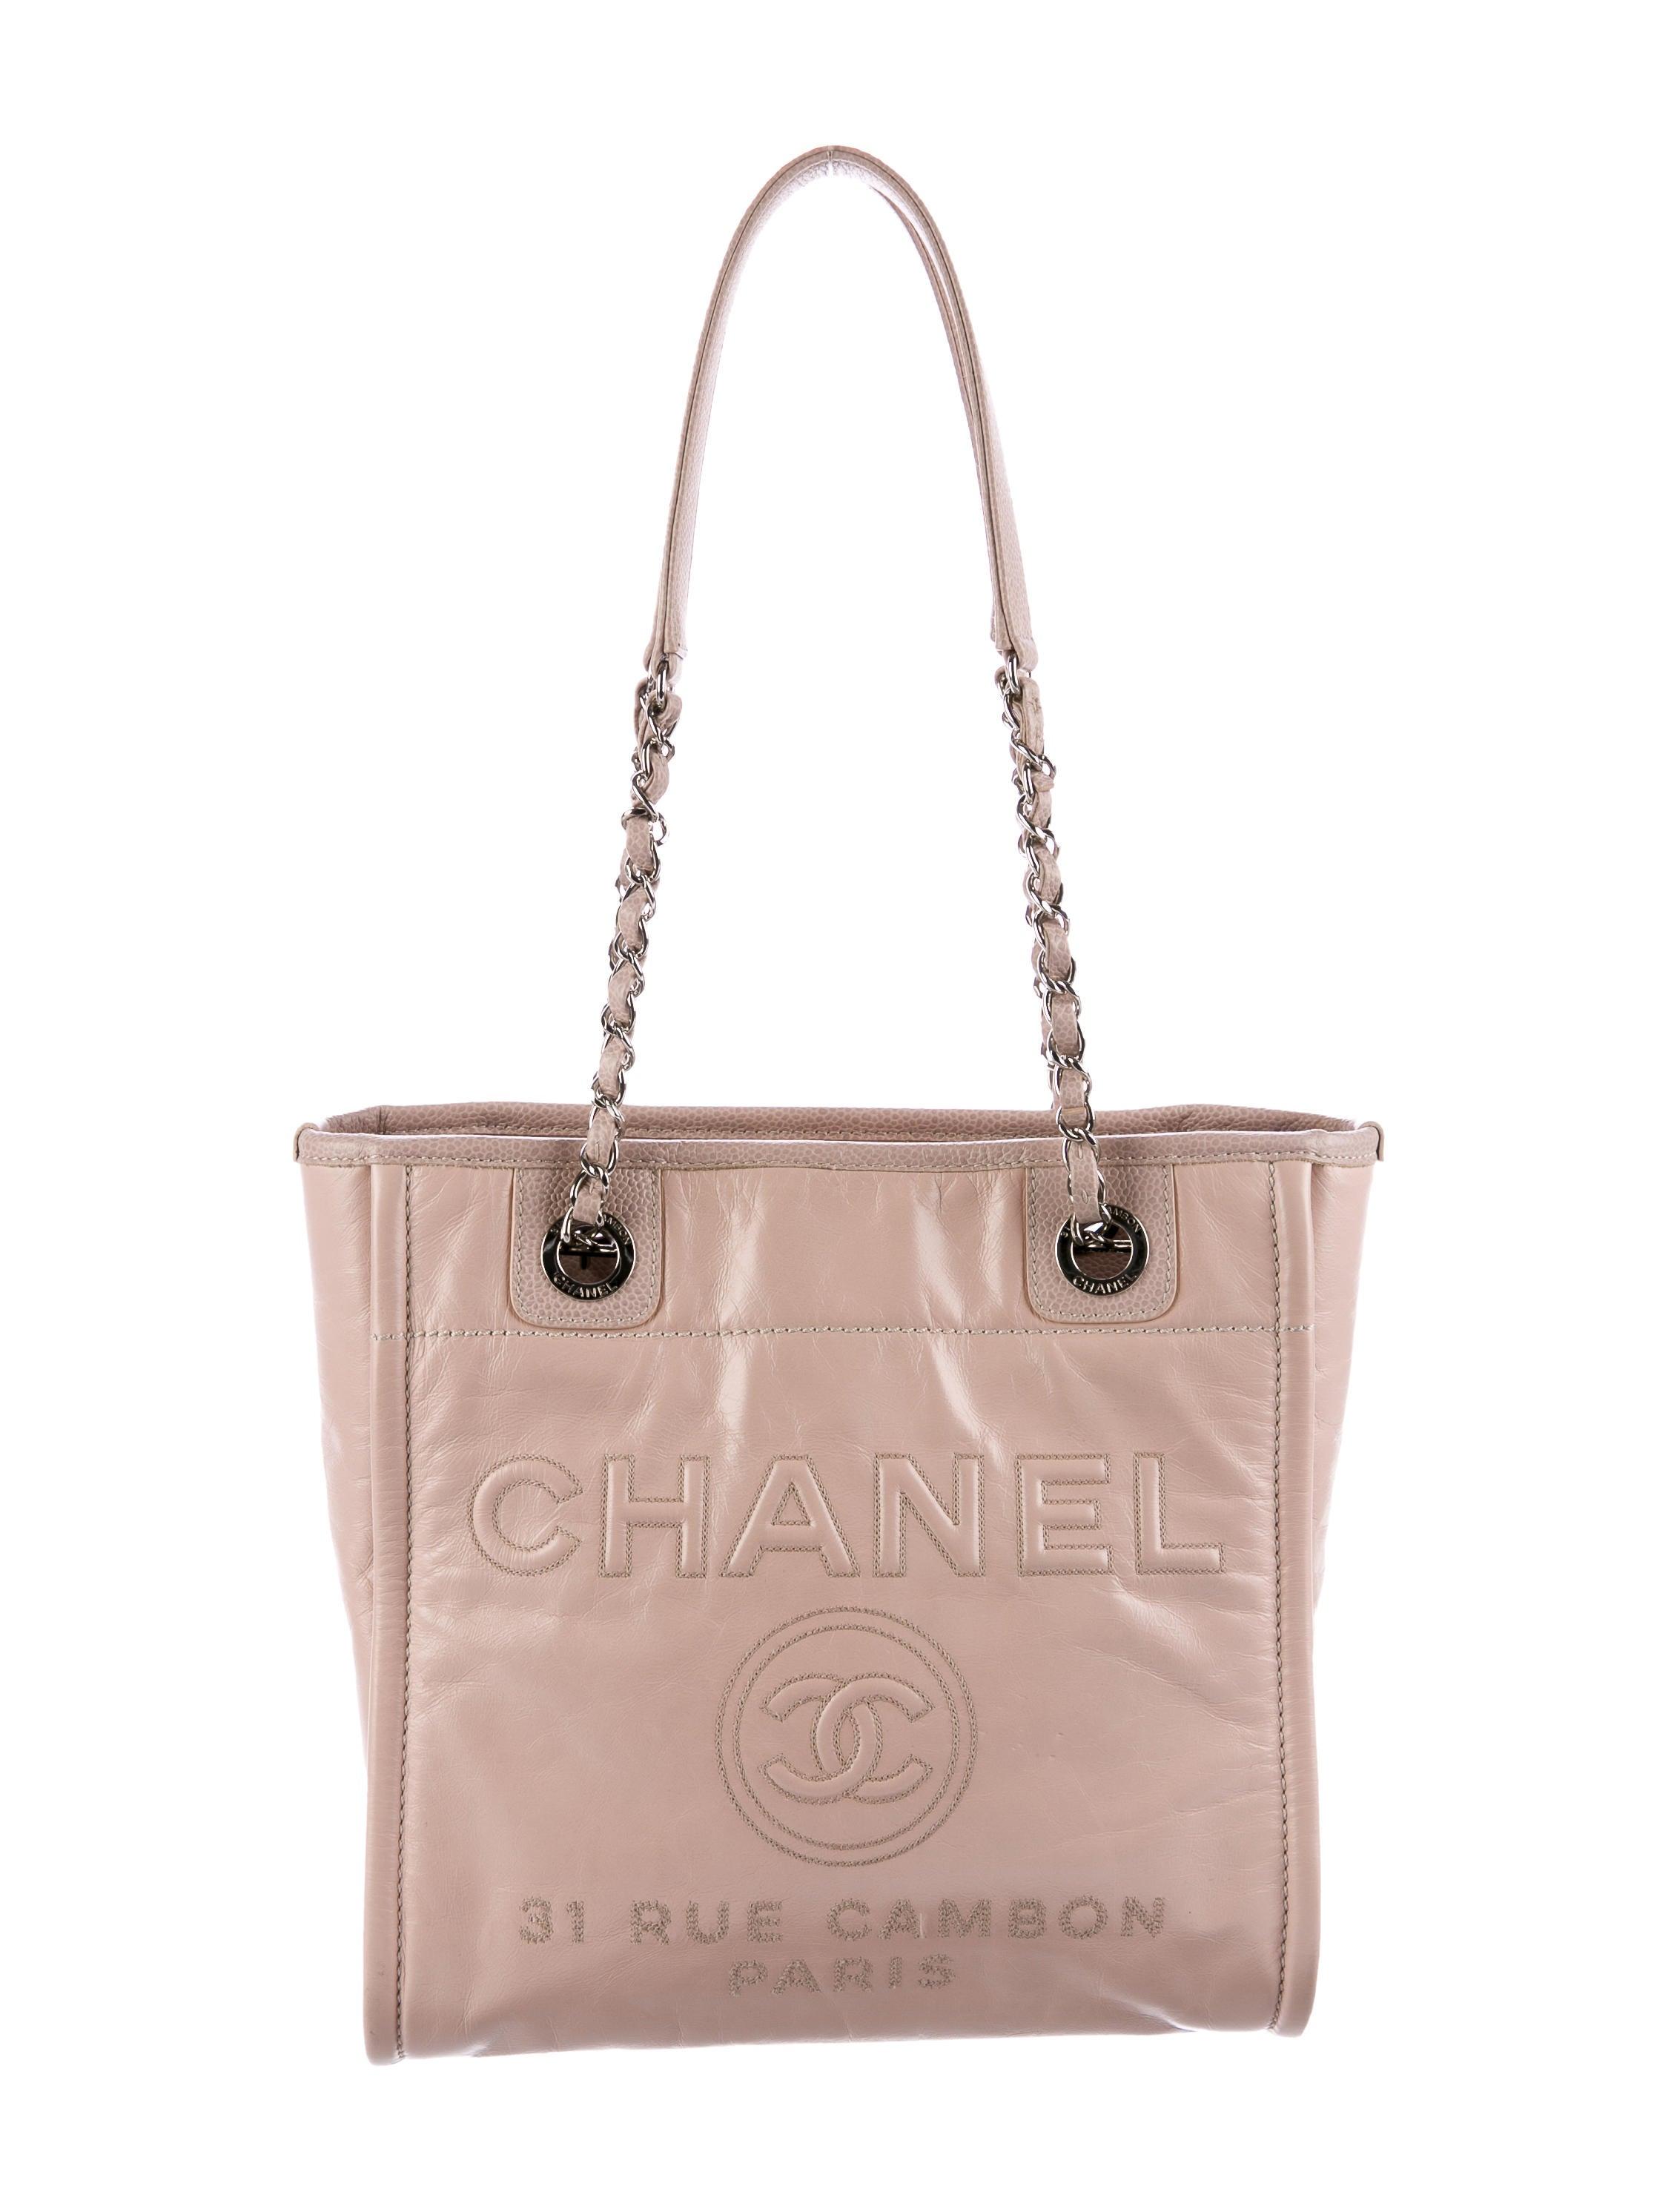 9e7dd2754528 Chanel 2016 Small Deauville Tote - Handbags - CHA200484